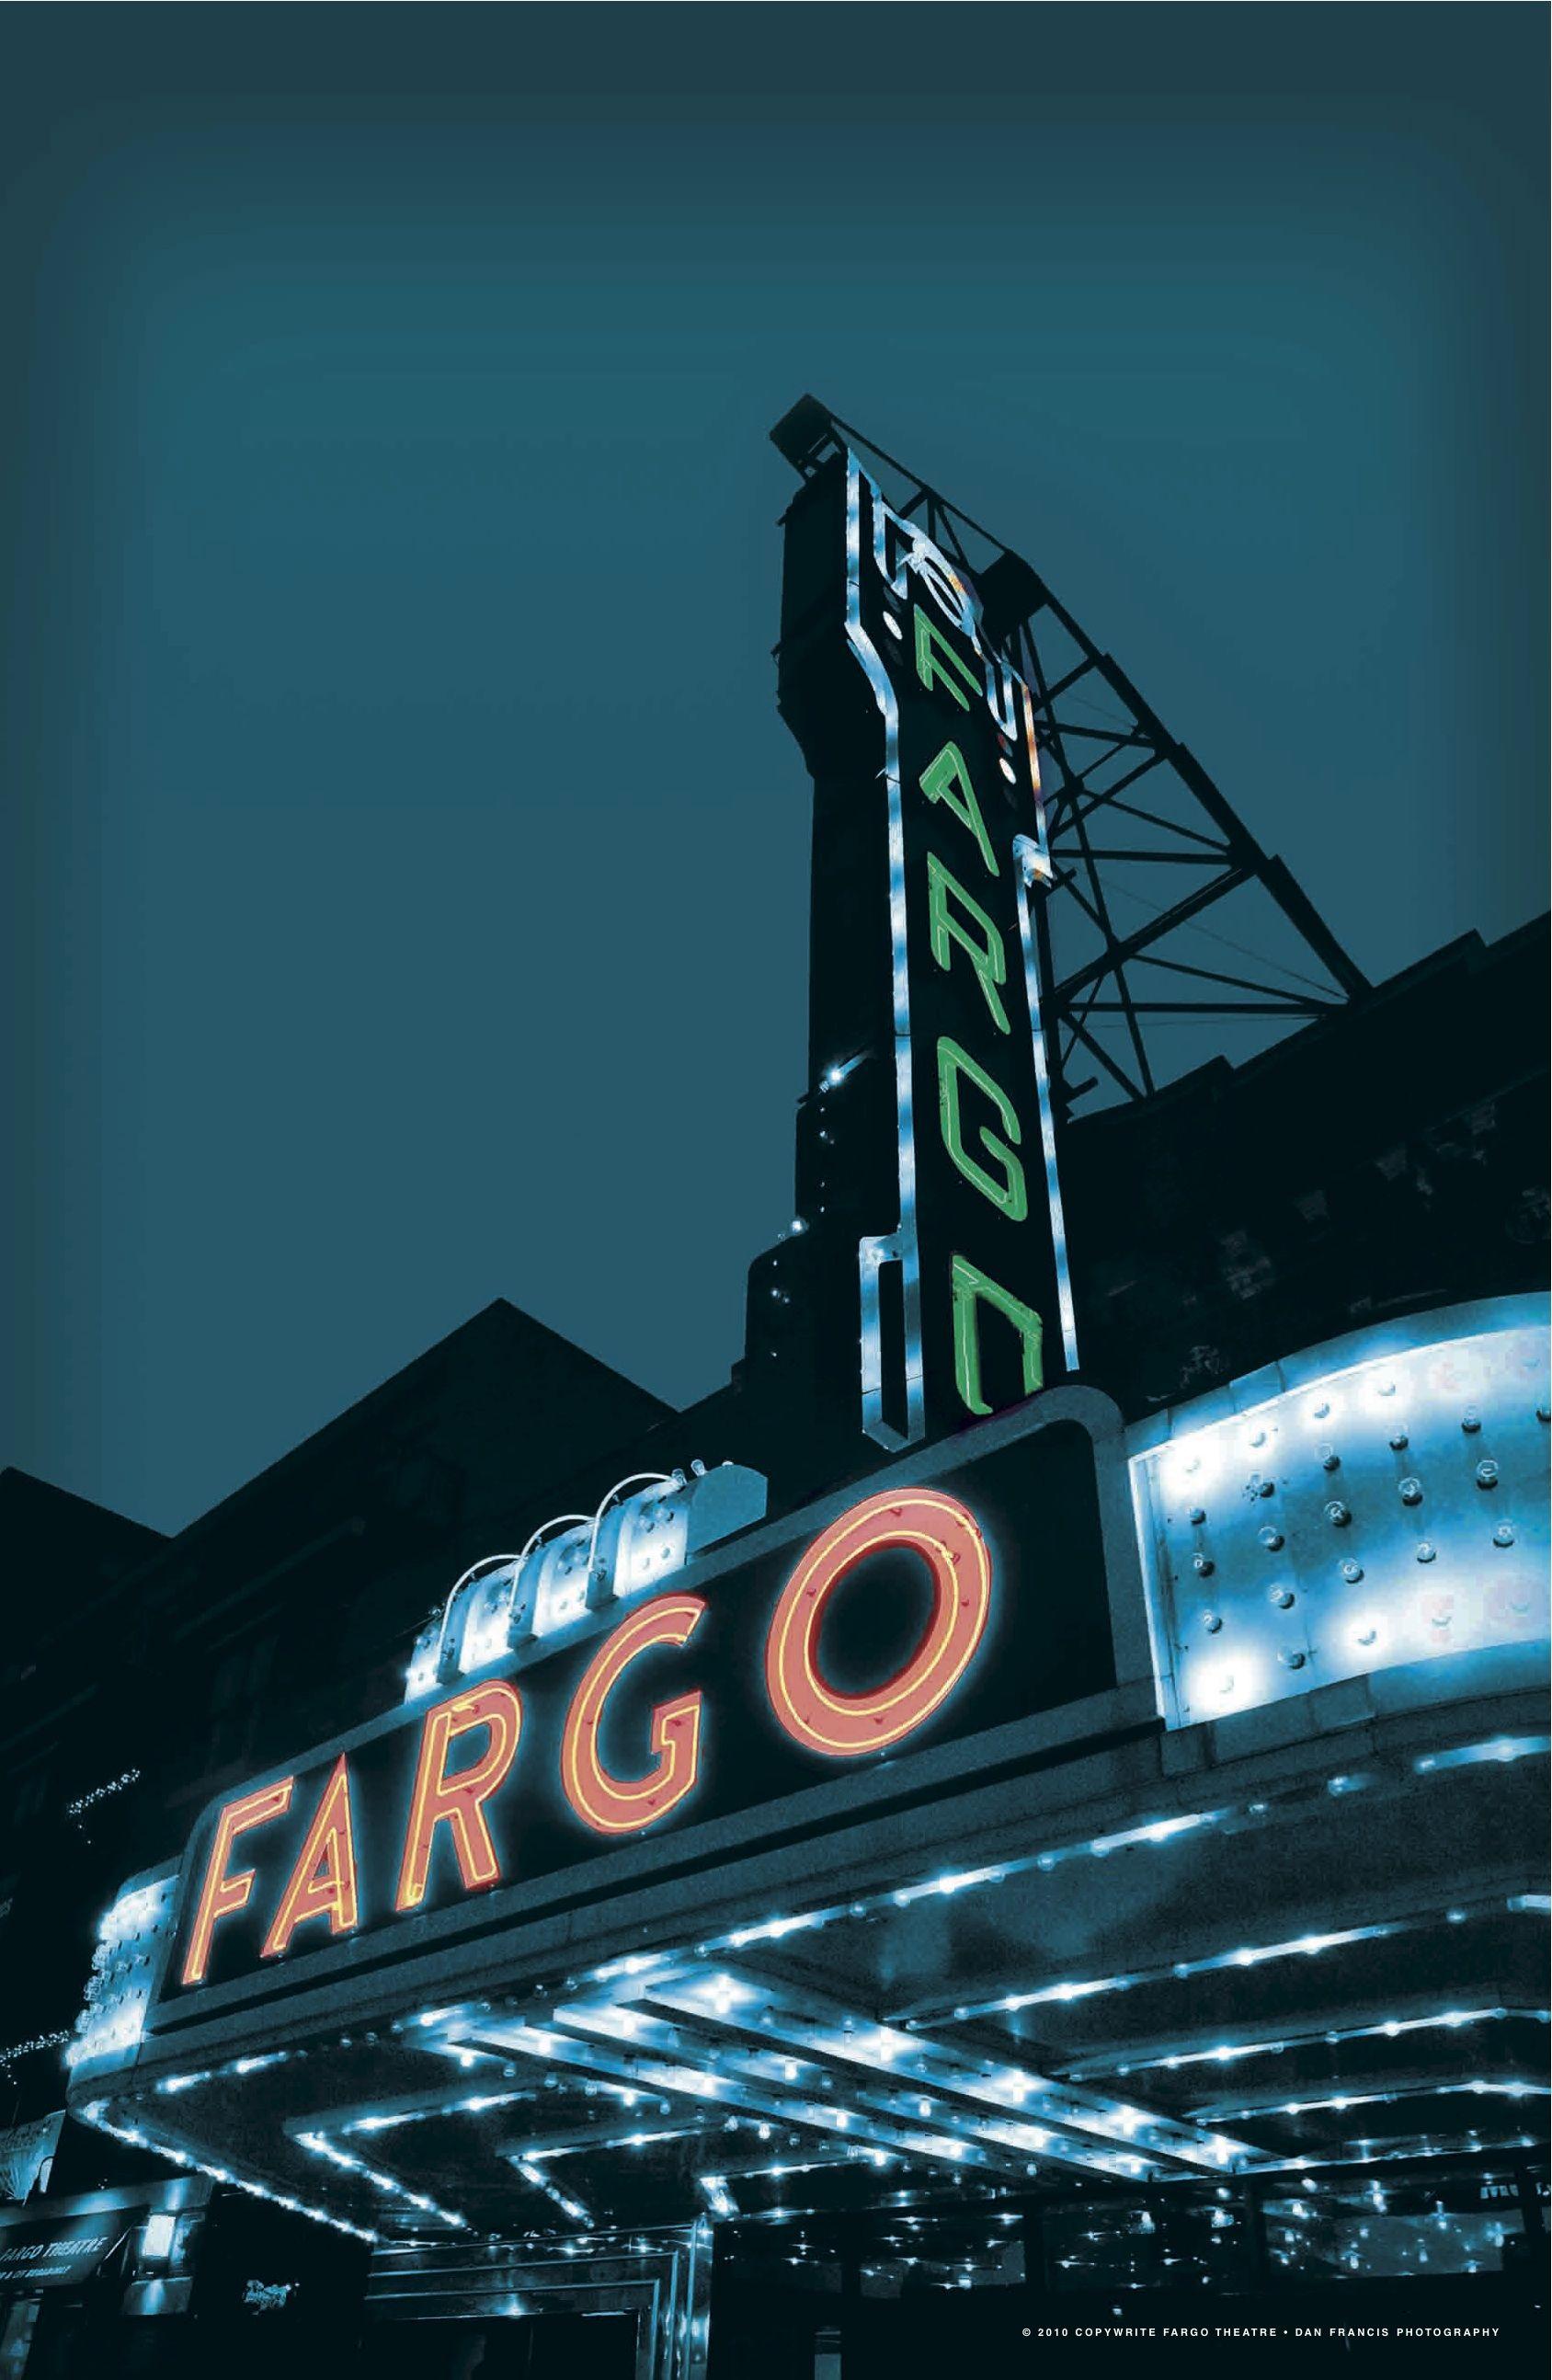 Fargo nd the marquee of fargo theatre a restored 1926